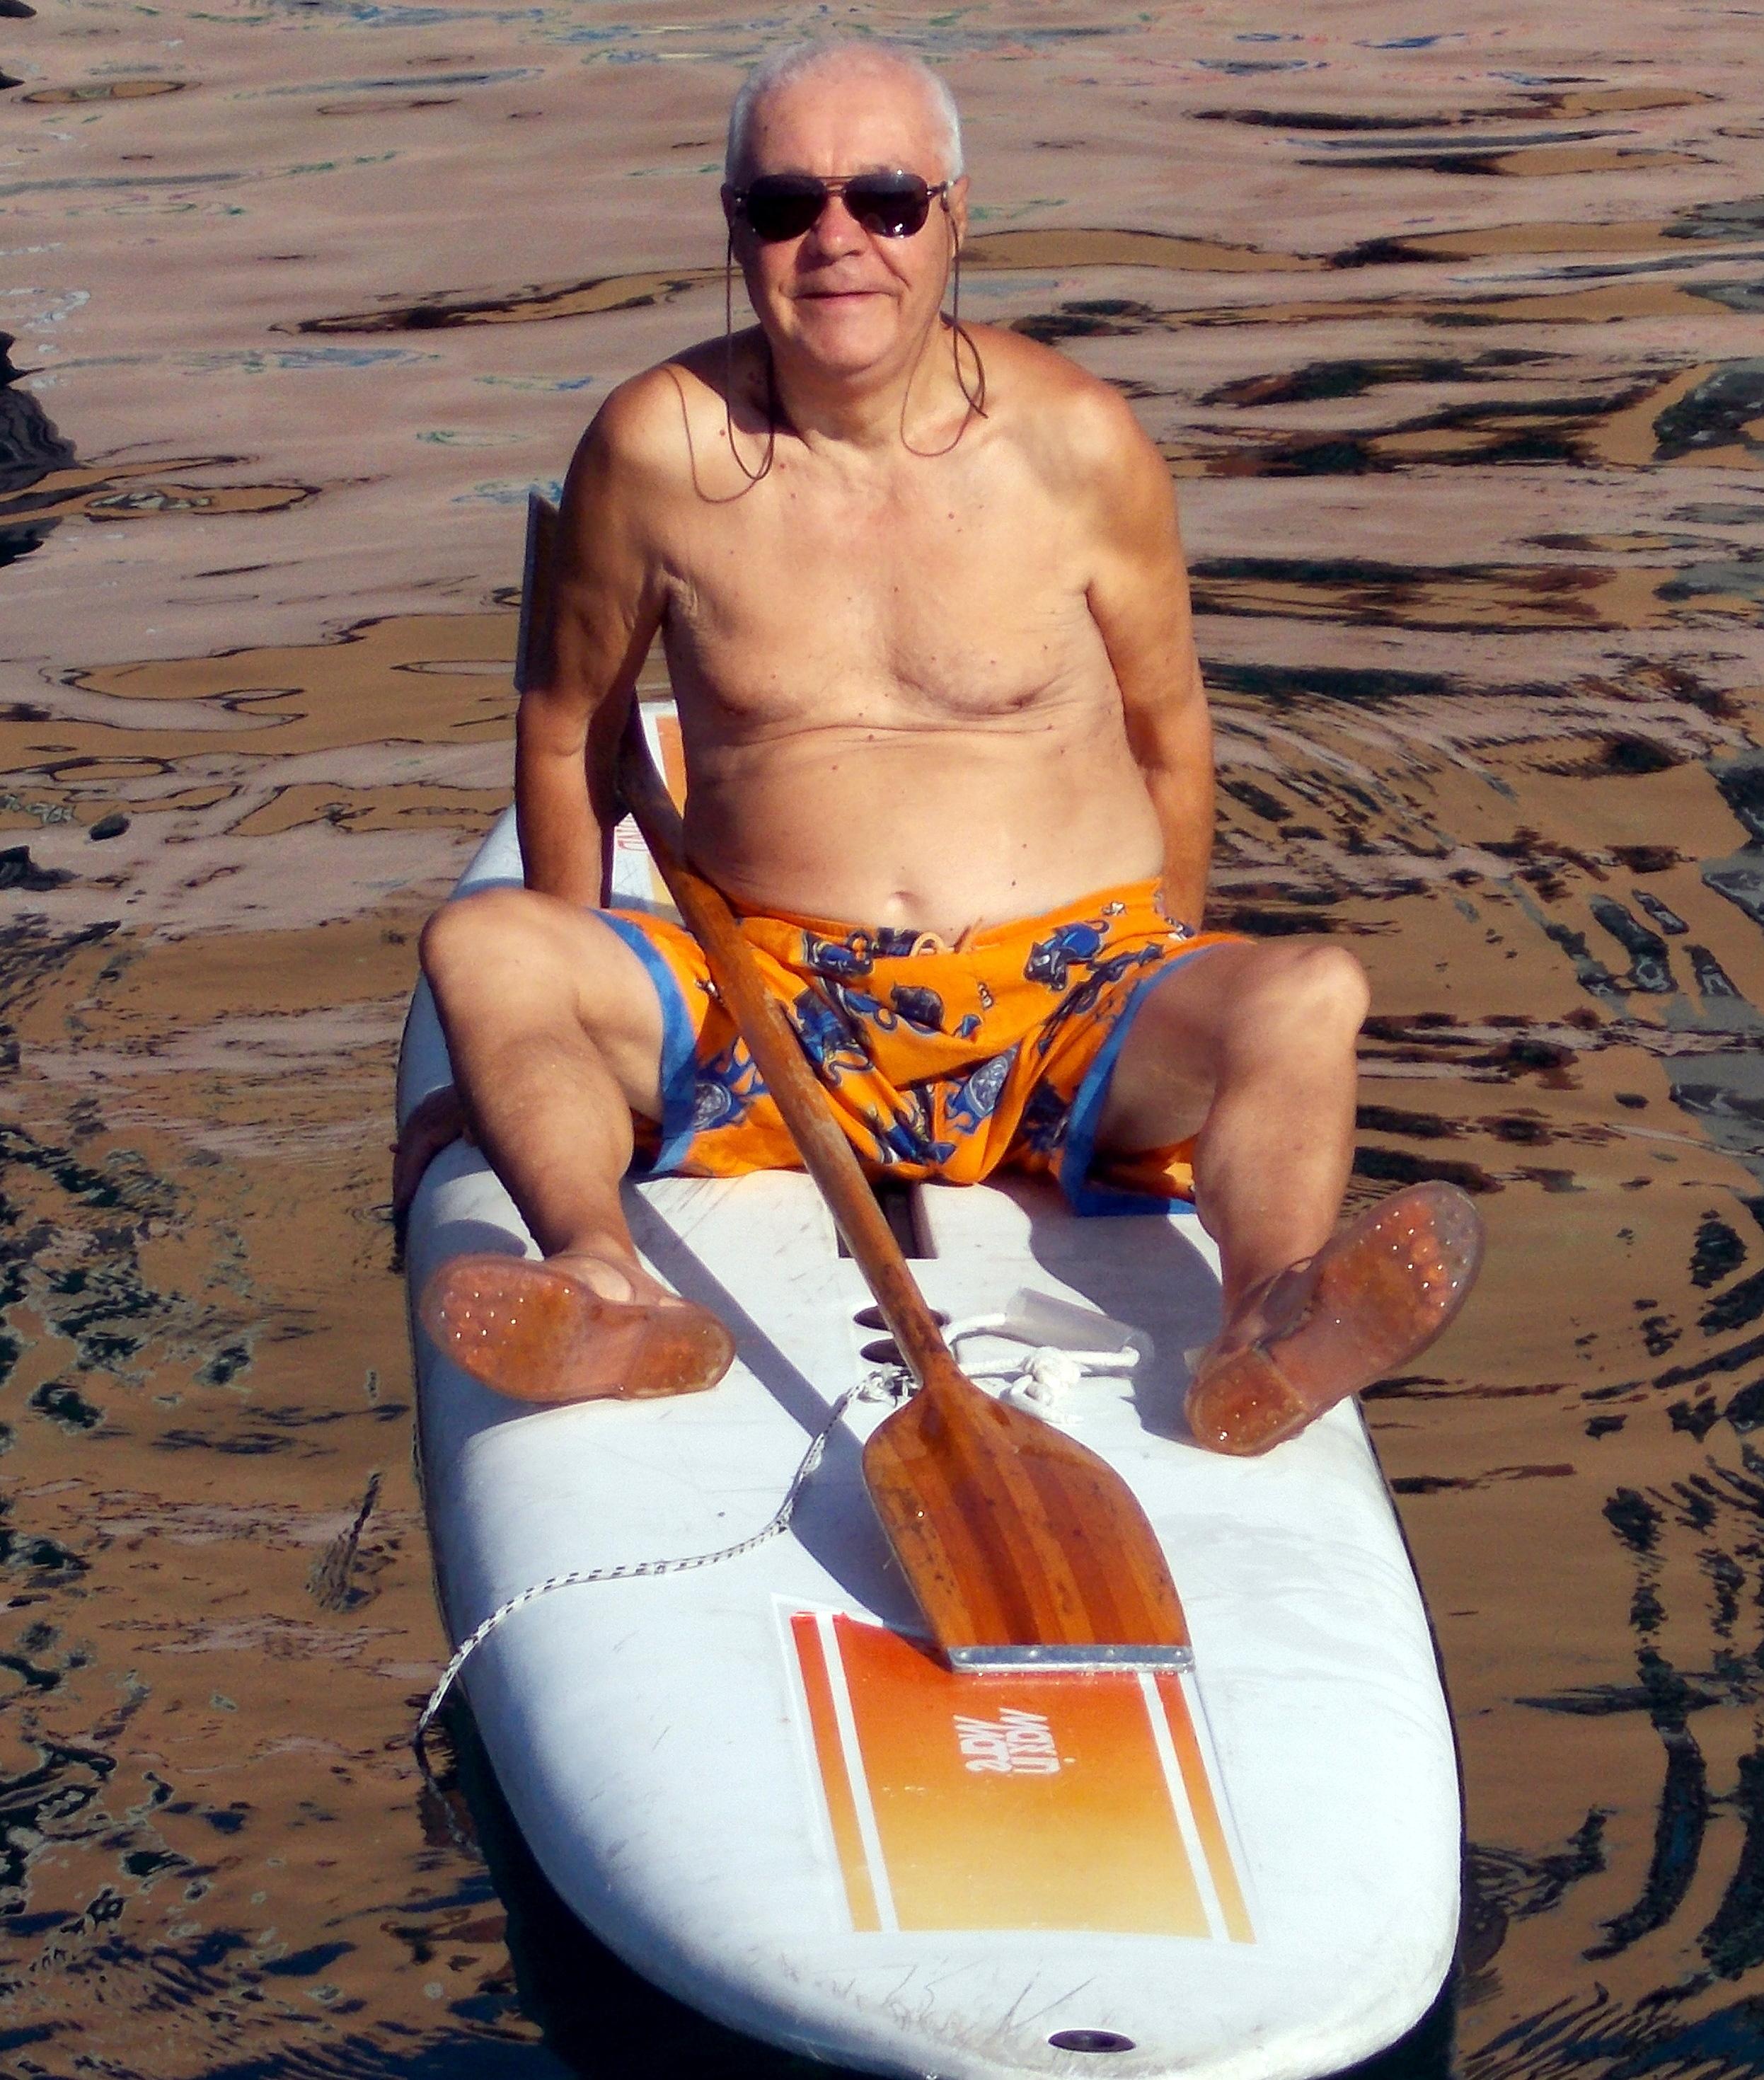 Pino Fuoti - 78 anni ca' nocca - Uno dei frequentatori assidui di San Giovanni Li Cuti, con bagni per tutto l'anno - Avevamo deciso di fare il 2° tipo di escursione, spingendoci verso il lido Scogliera D'Armisi, ma il mare un po' mosso ed un forte vento contrario non l' hanno consentito. Siamo però arrivati al Porto Rossi con grotte annesse, a lui sconosciuto dal lato mare. -N'ACCUNTINTAMU-